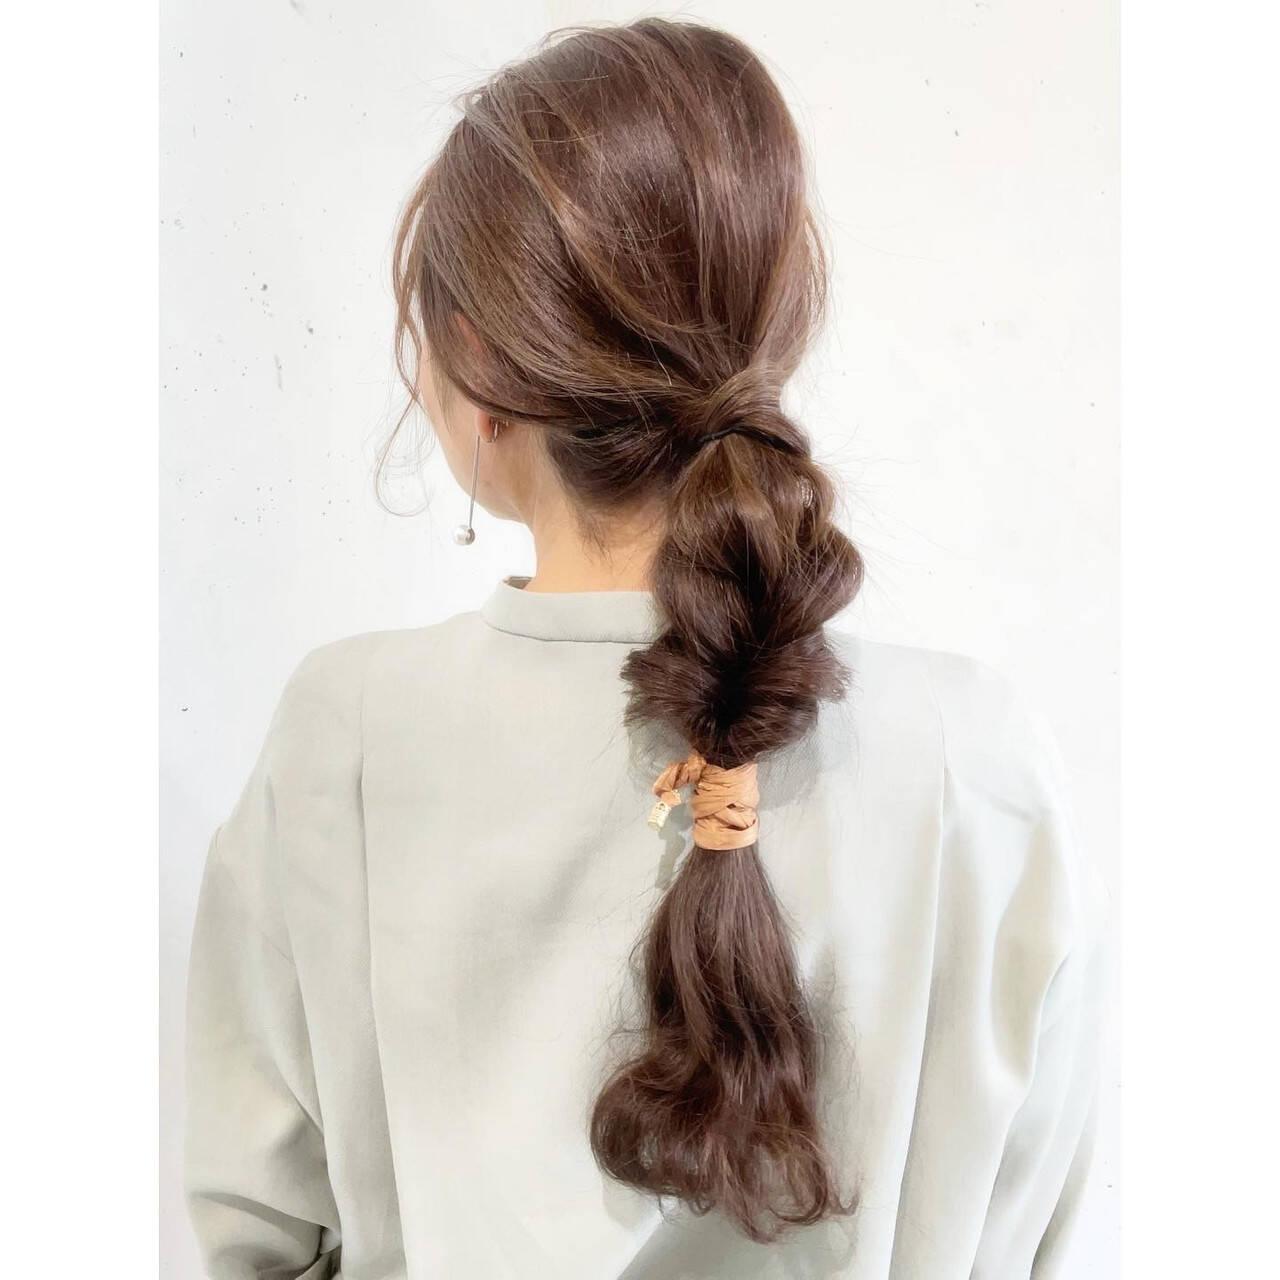 ポニーテールアレンジ セルフヘアアレンジ 簡単ヘアアレンジ ロングヘアスタイルや髪型の写真・画像